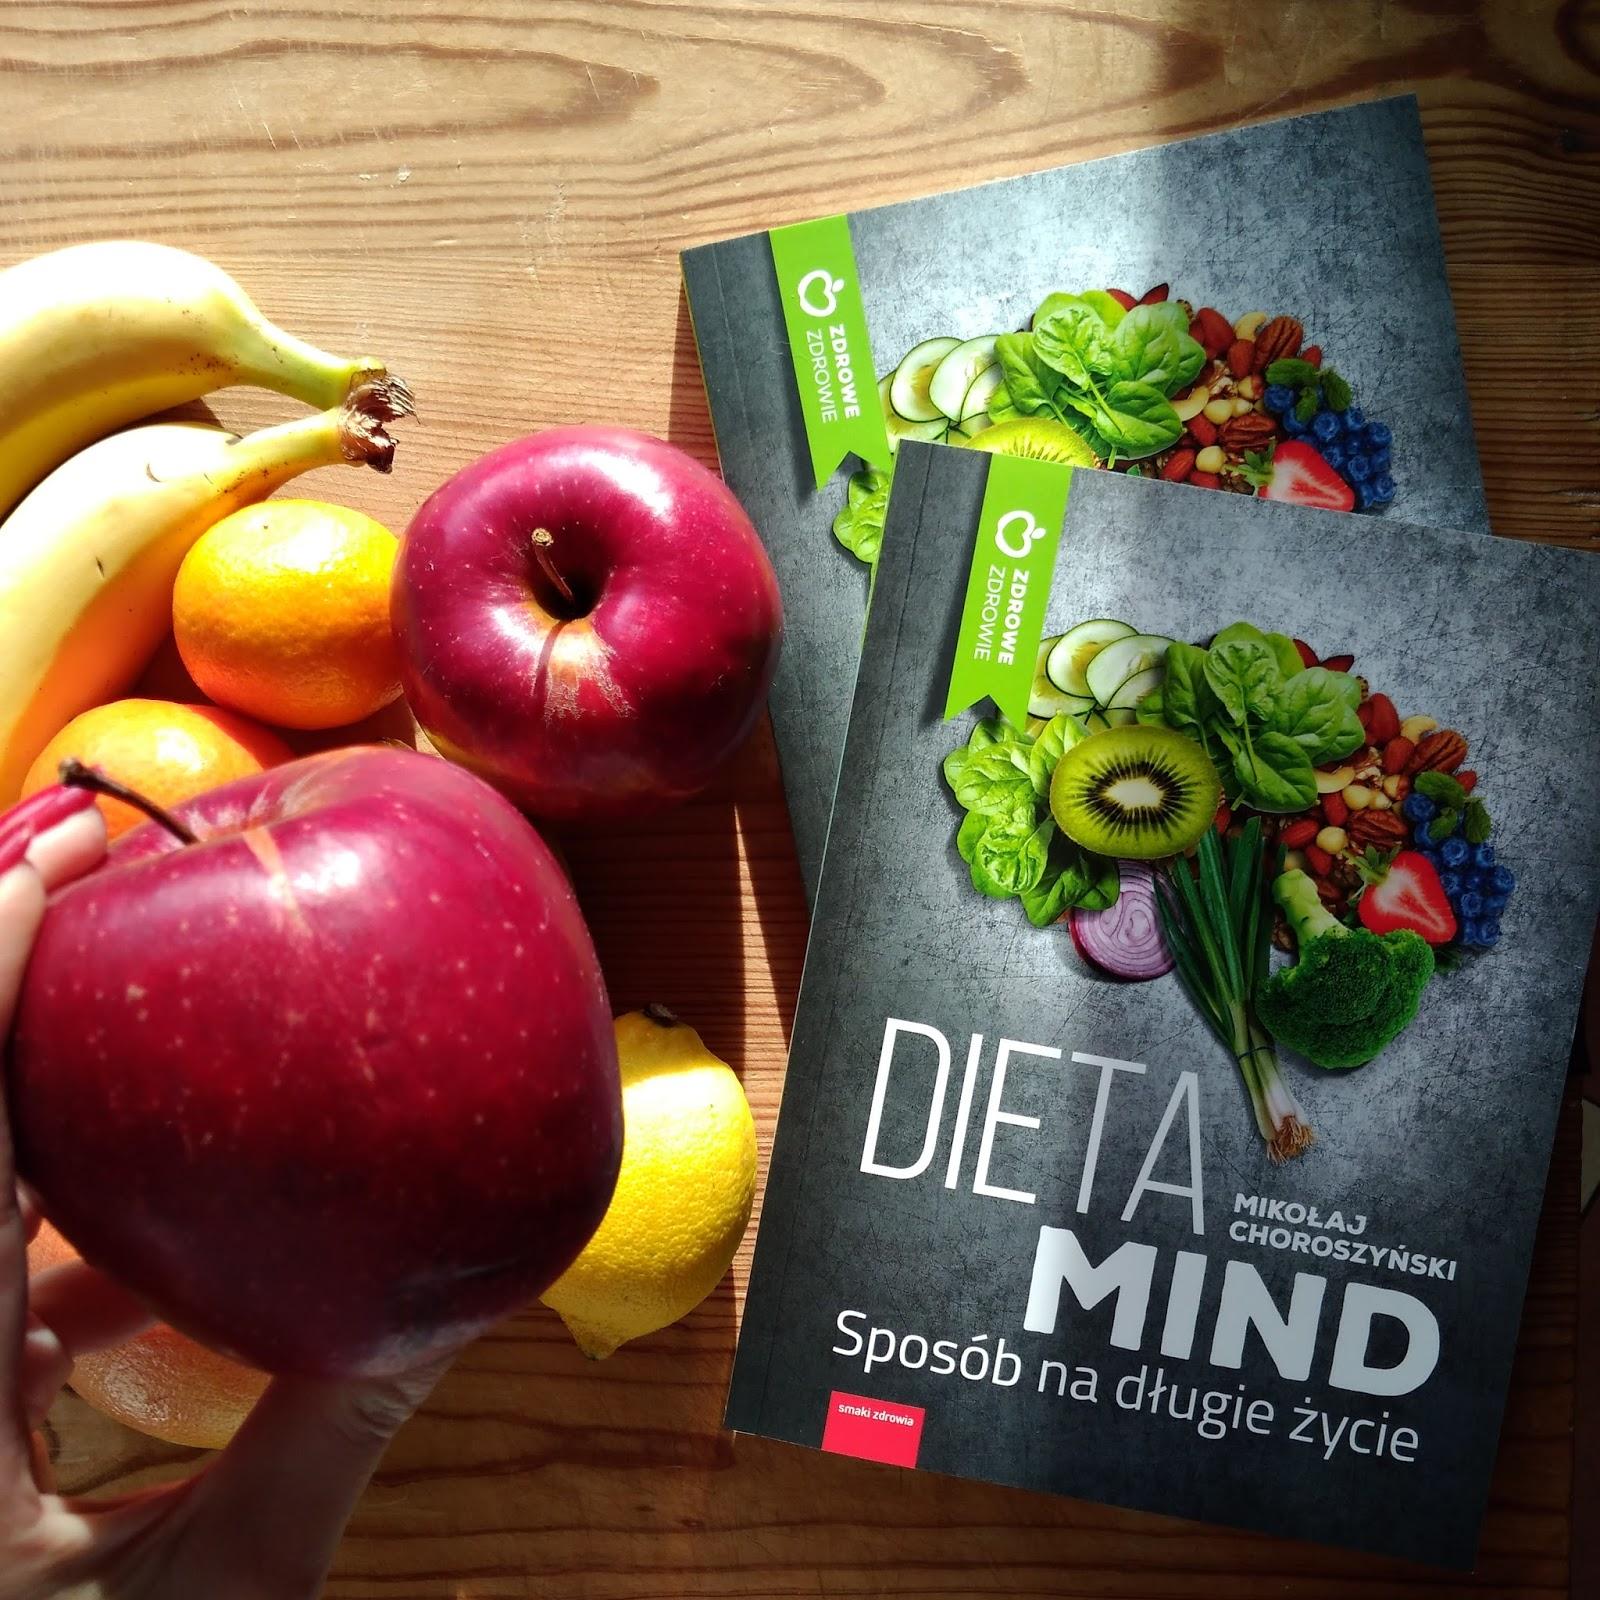 Dieta książka z przepisami